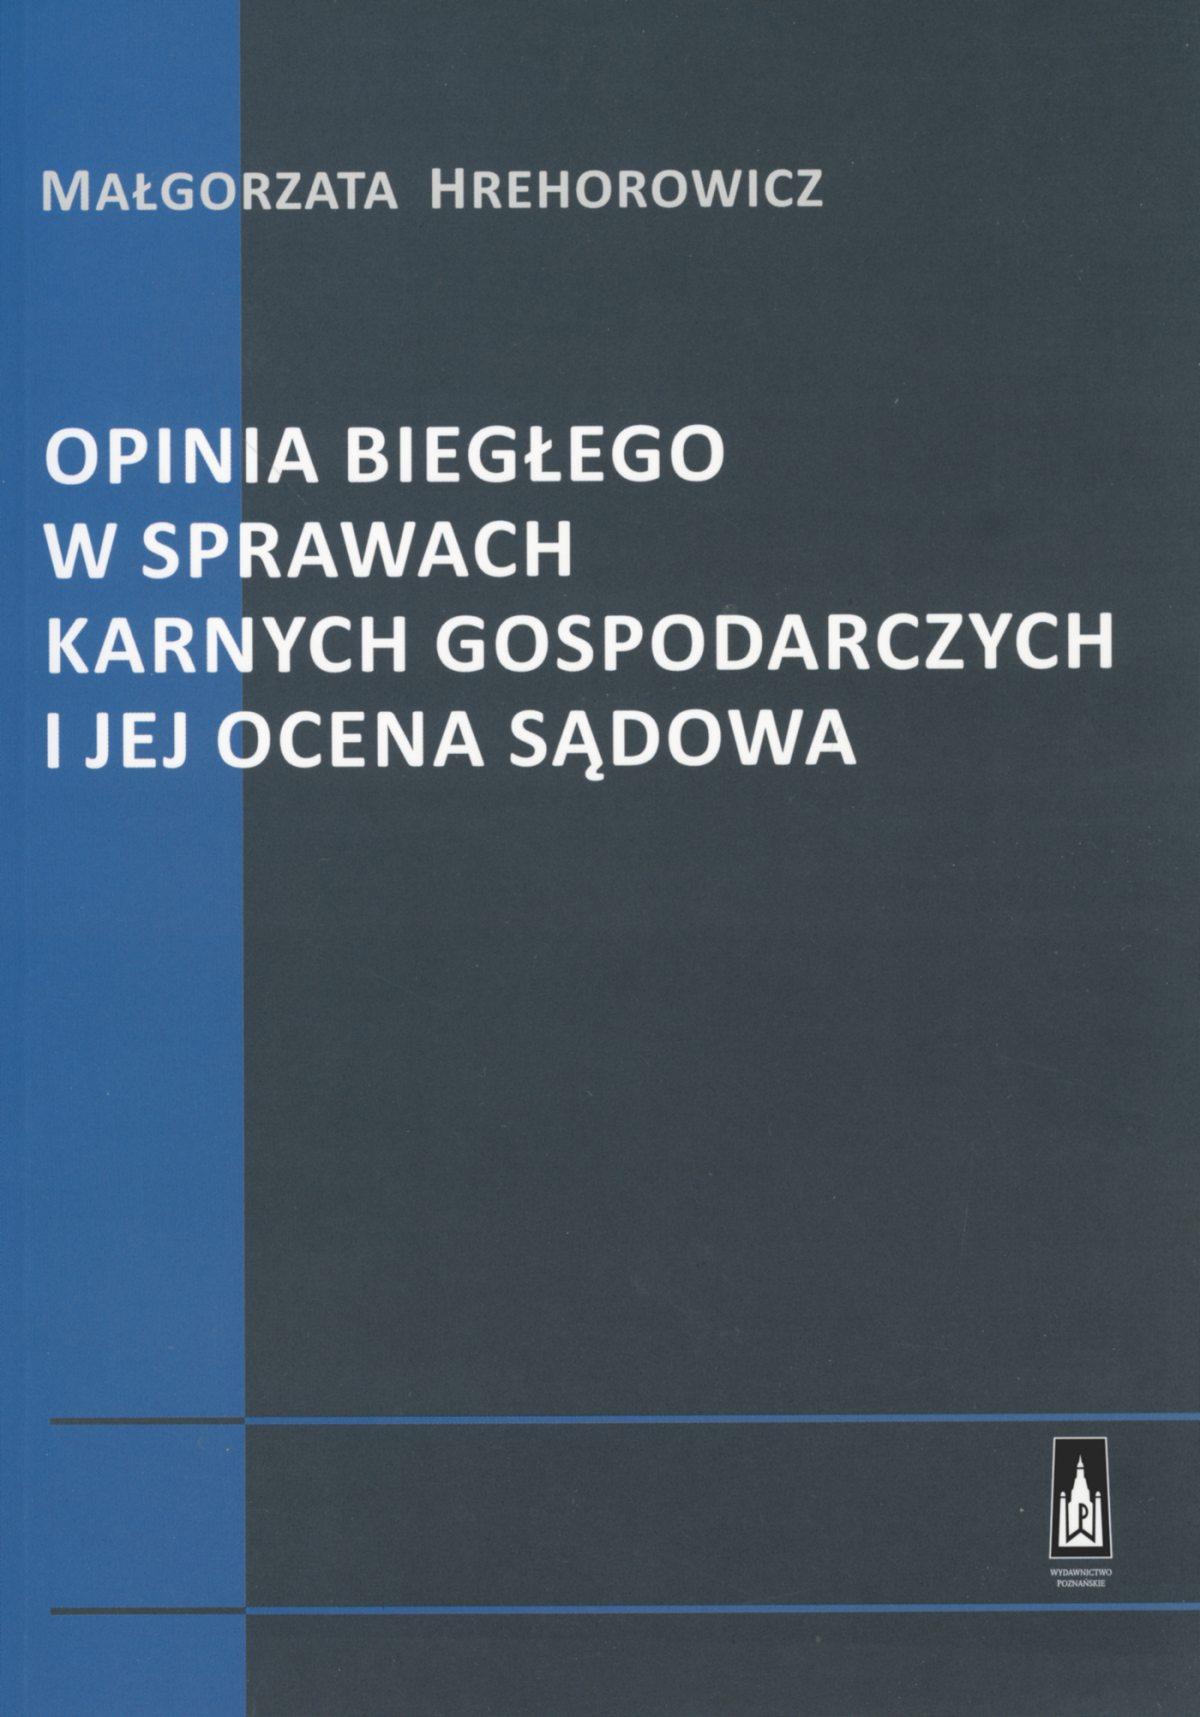 Opinia biegłego w sprawach karnych gospodarczych i jej ocena sądowa - Ebook (Książka EPUB) do pobrania w formacie EPUB